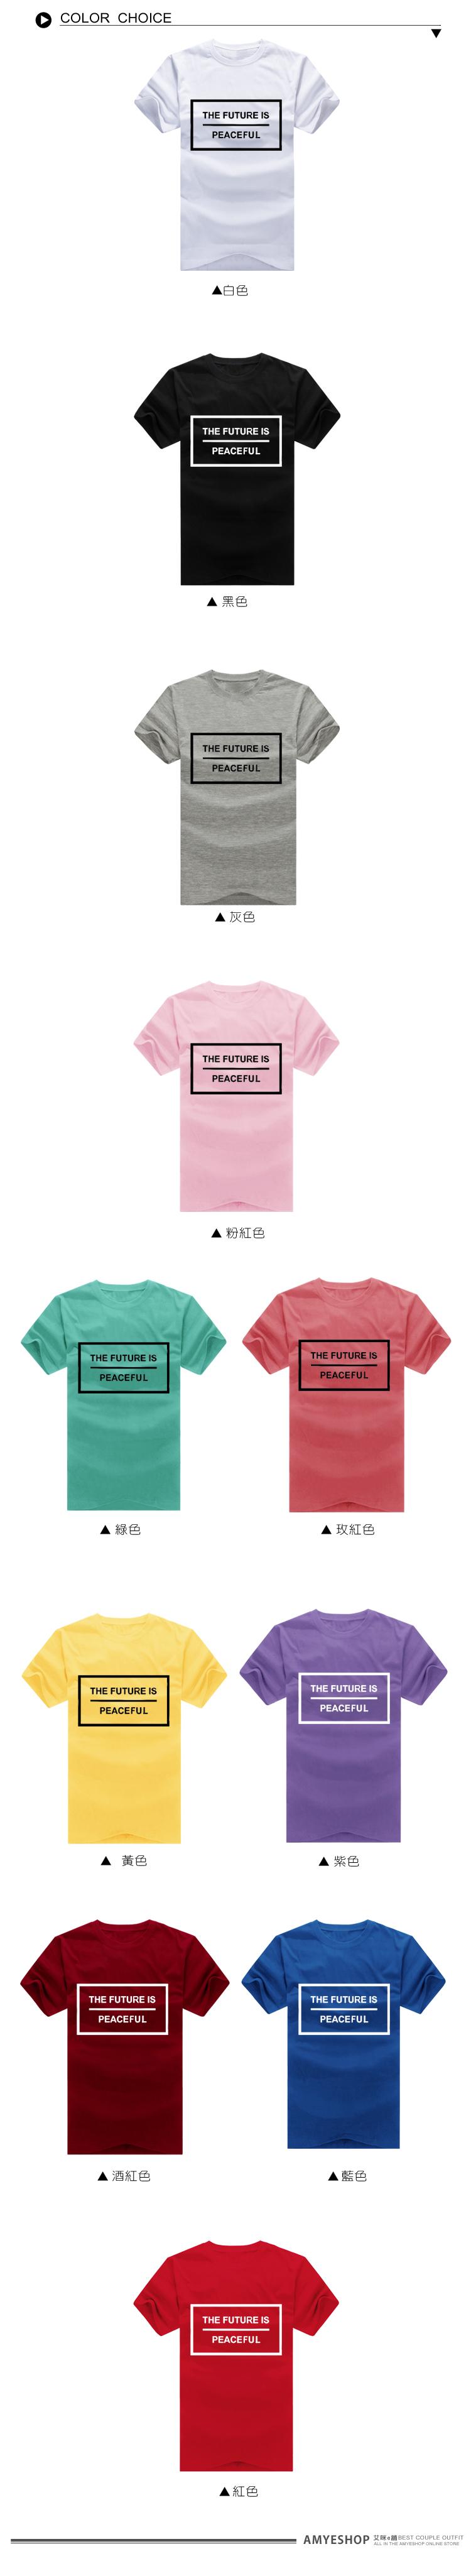 ◆快速出貨◆獨家配對情侶裝.客製化.T恤.最佳情侶裝.獨家款.純棉短T.MIT台灣製.班服.THE FUTURE【Y0243】可單買.艾咪E舖